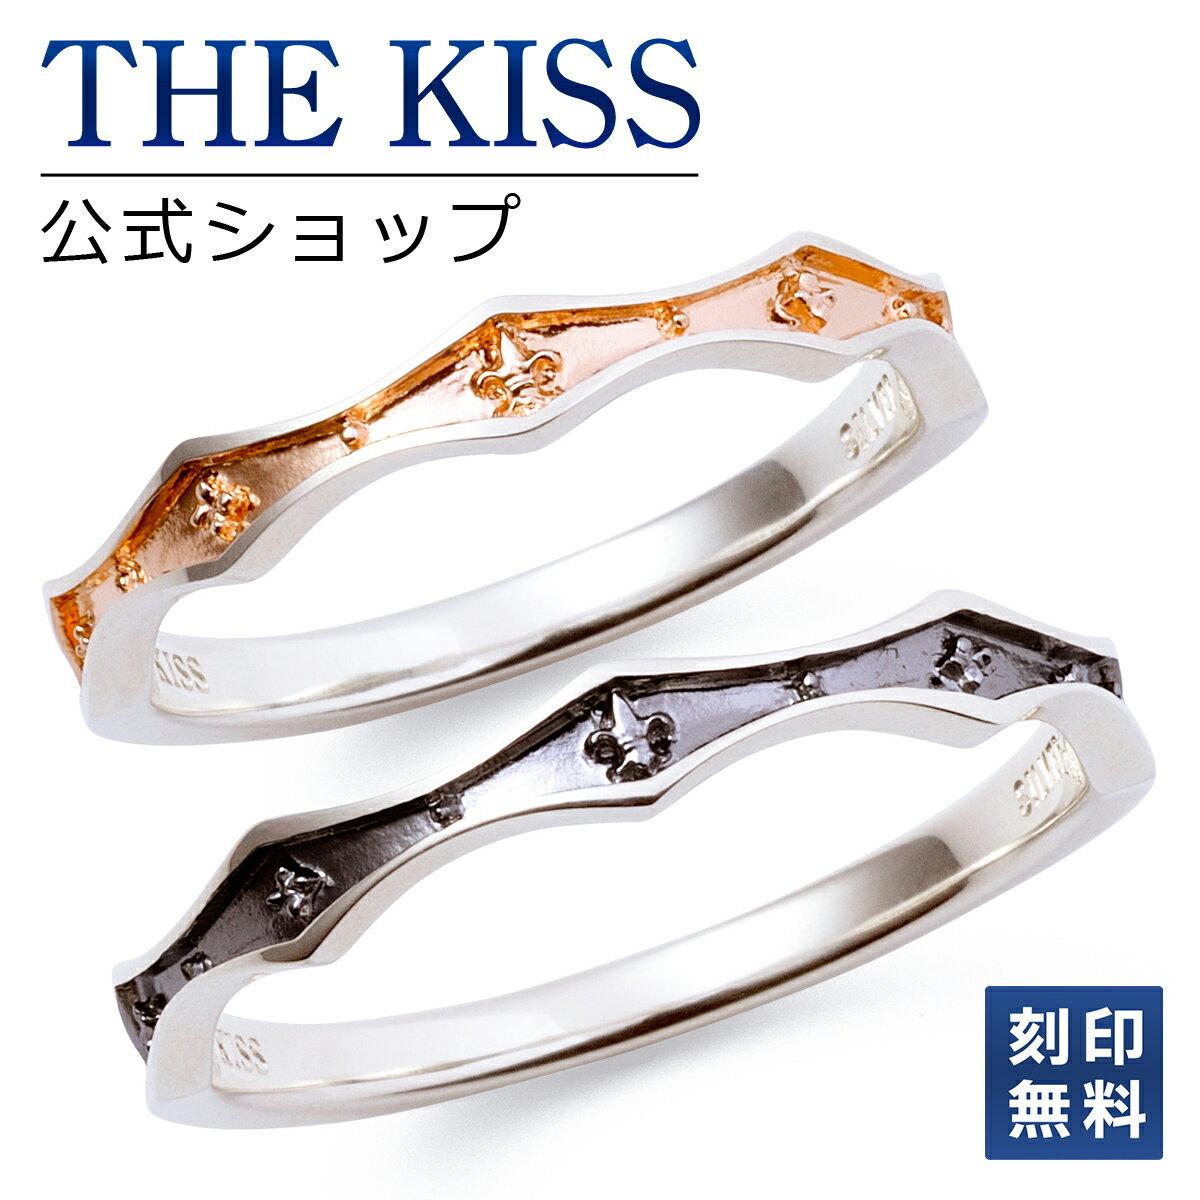 THE KISS 公式サイト シルバー ペアリング ペアアクセサリー カップル に 人気 の ジュエリーブランド THEKISS ペア リング・指輪 記念日 プレゼント SR2012-2013 ザキス